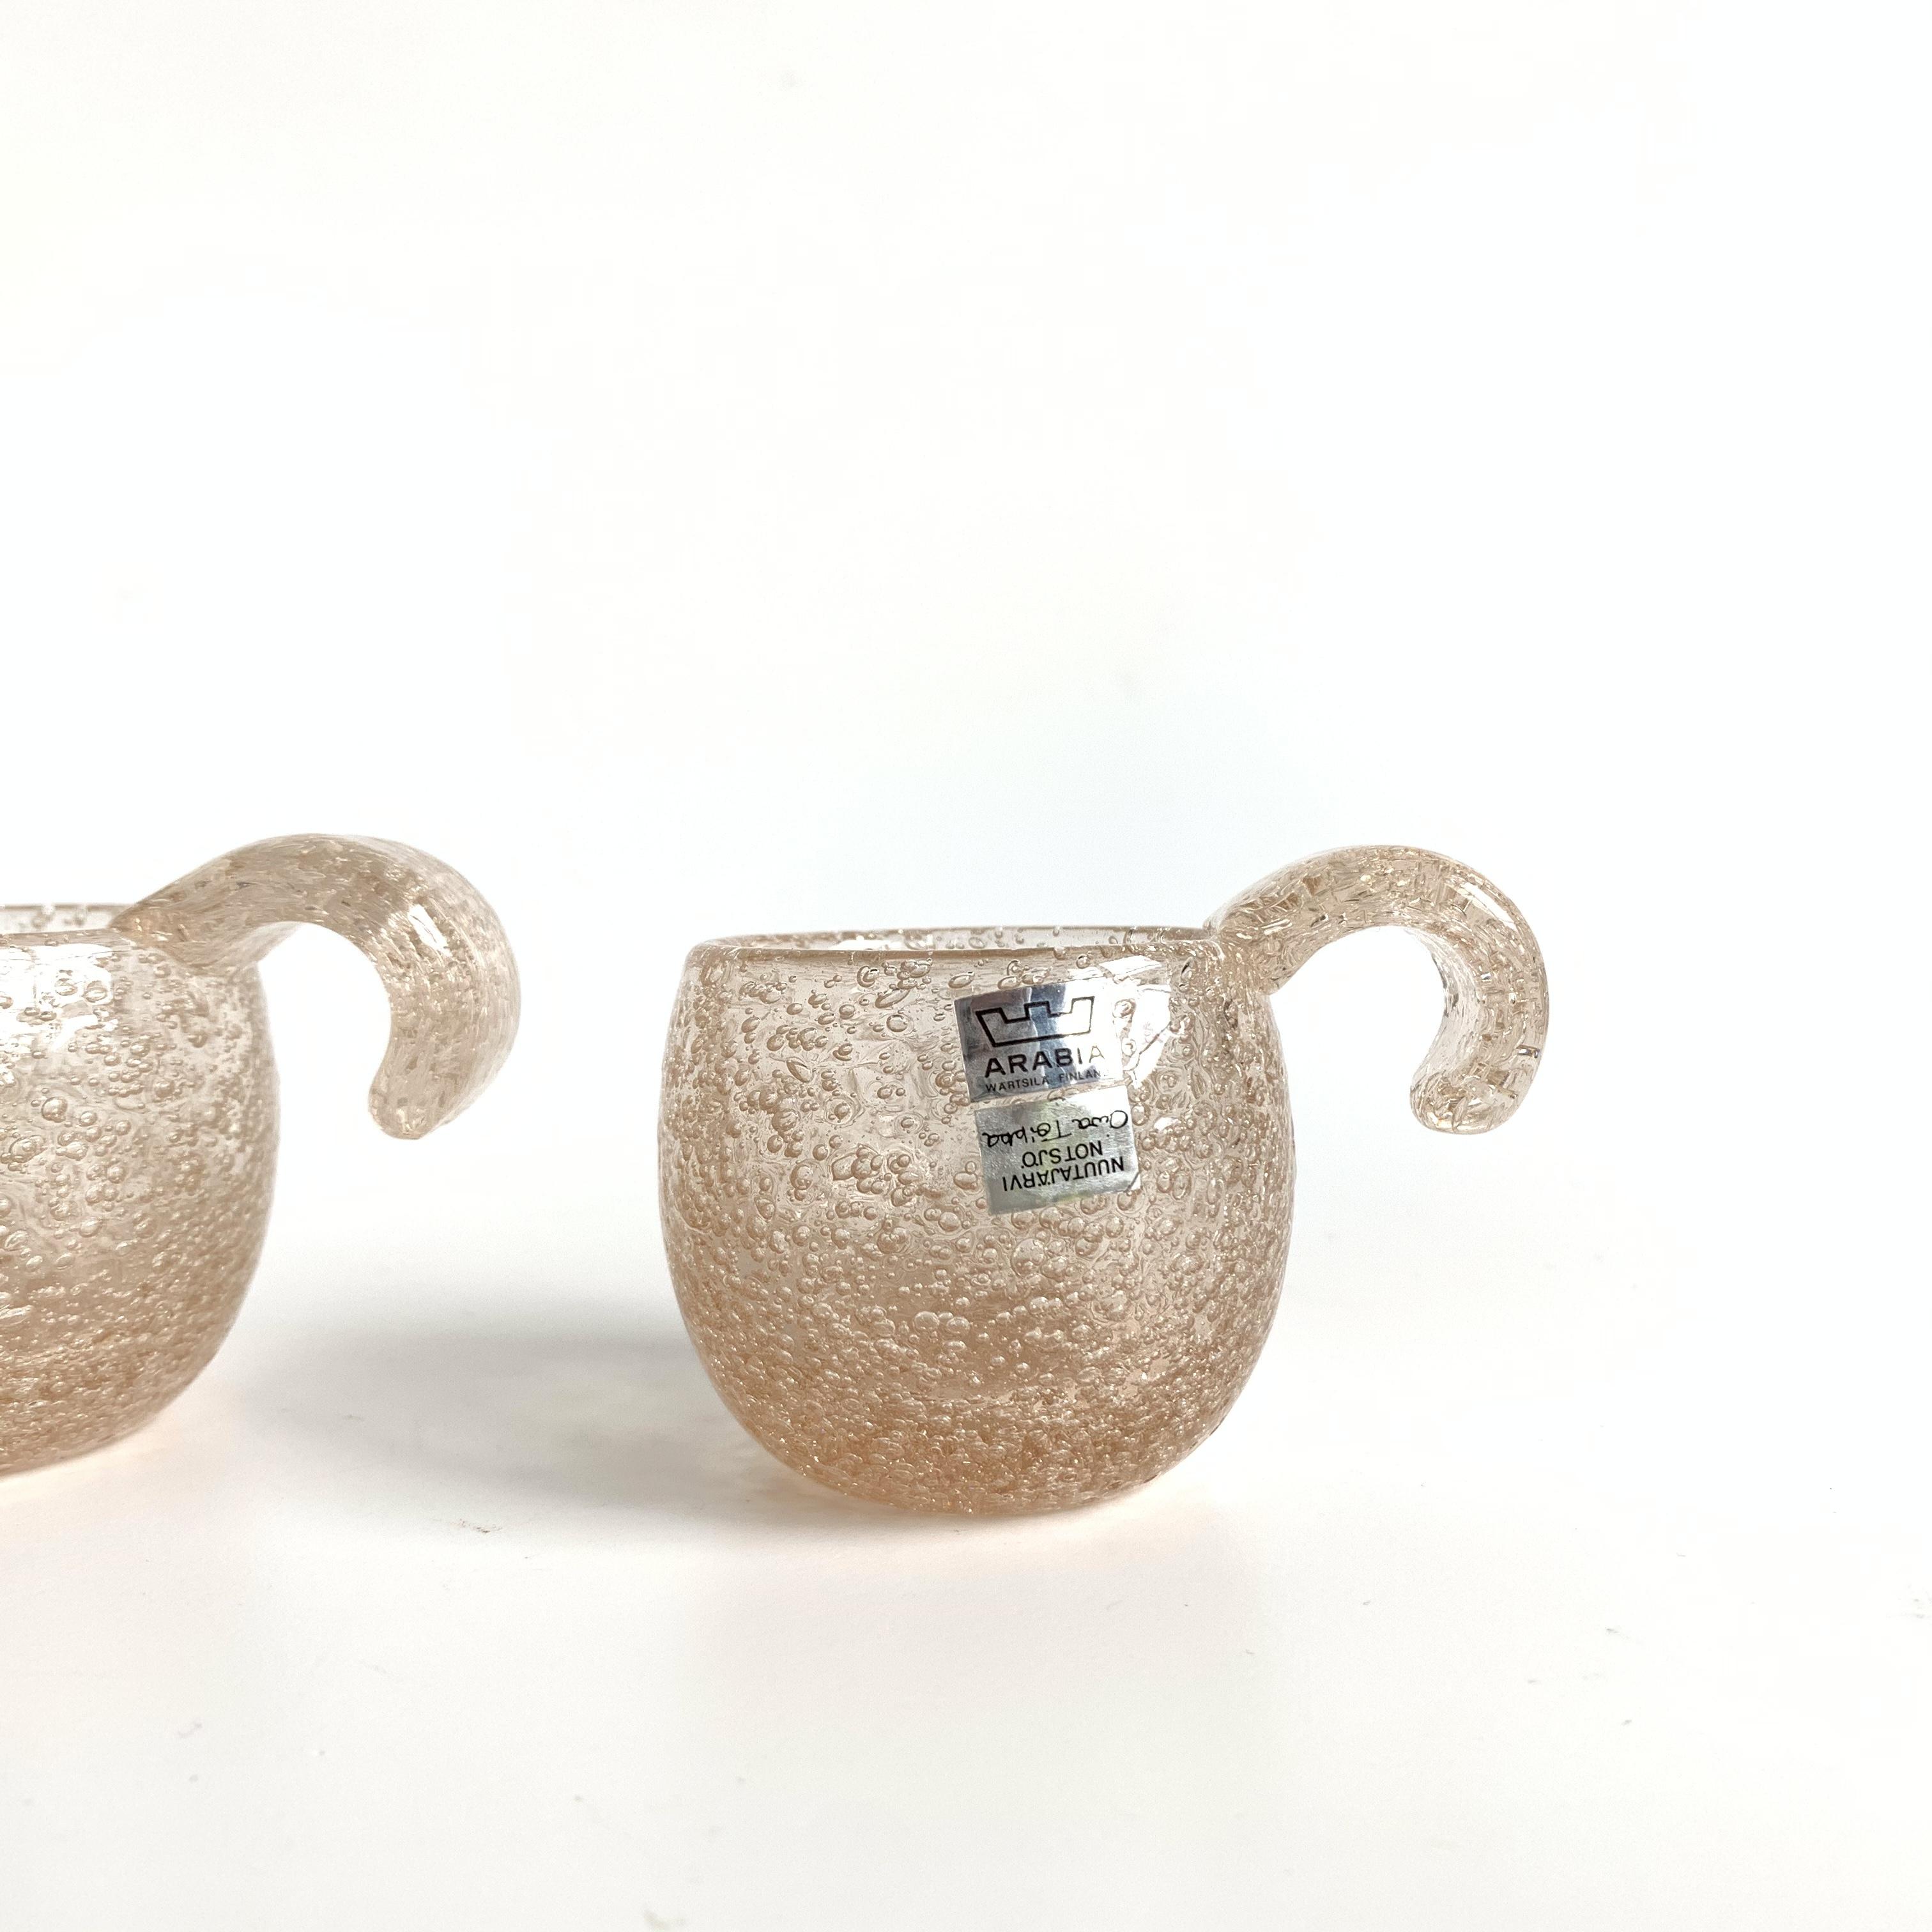 ARABIA(Nuutajärvi)/ Iglu Cup【B】